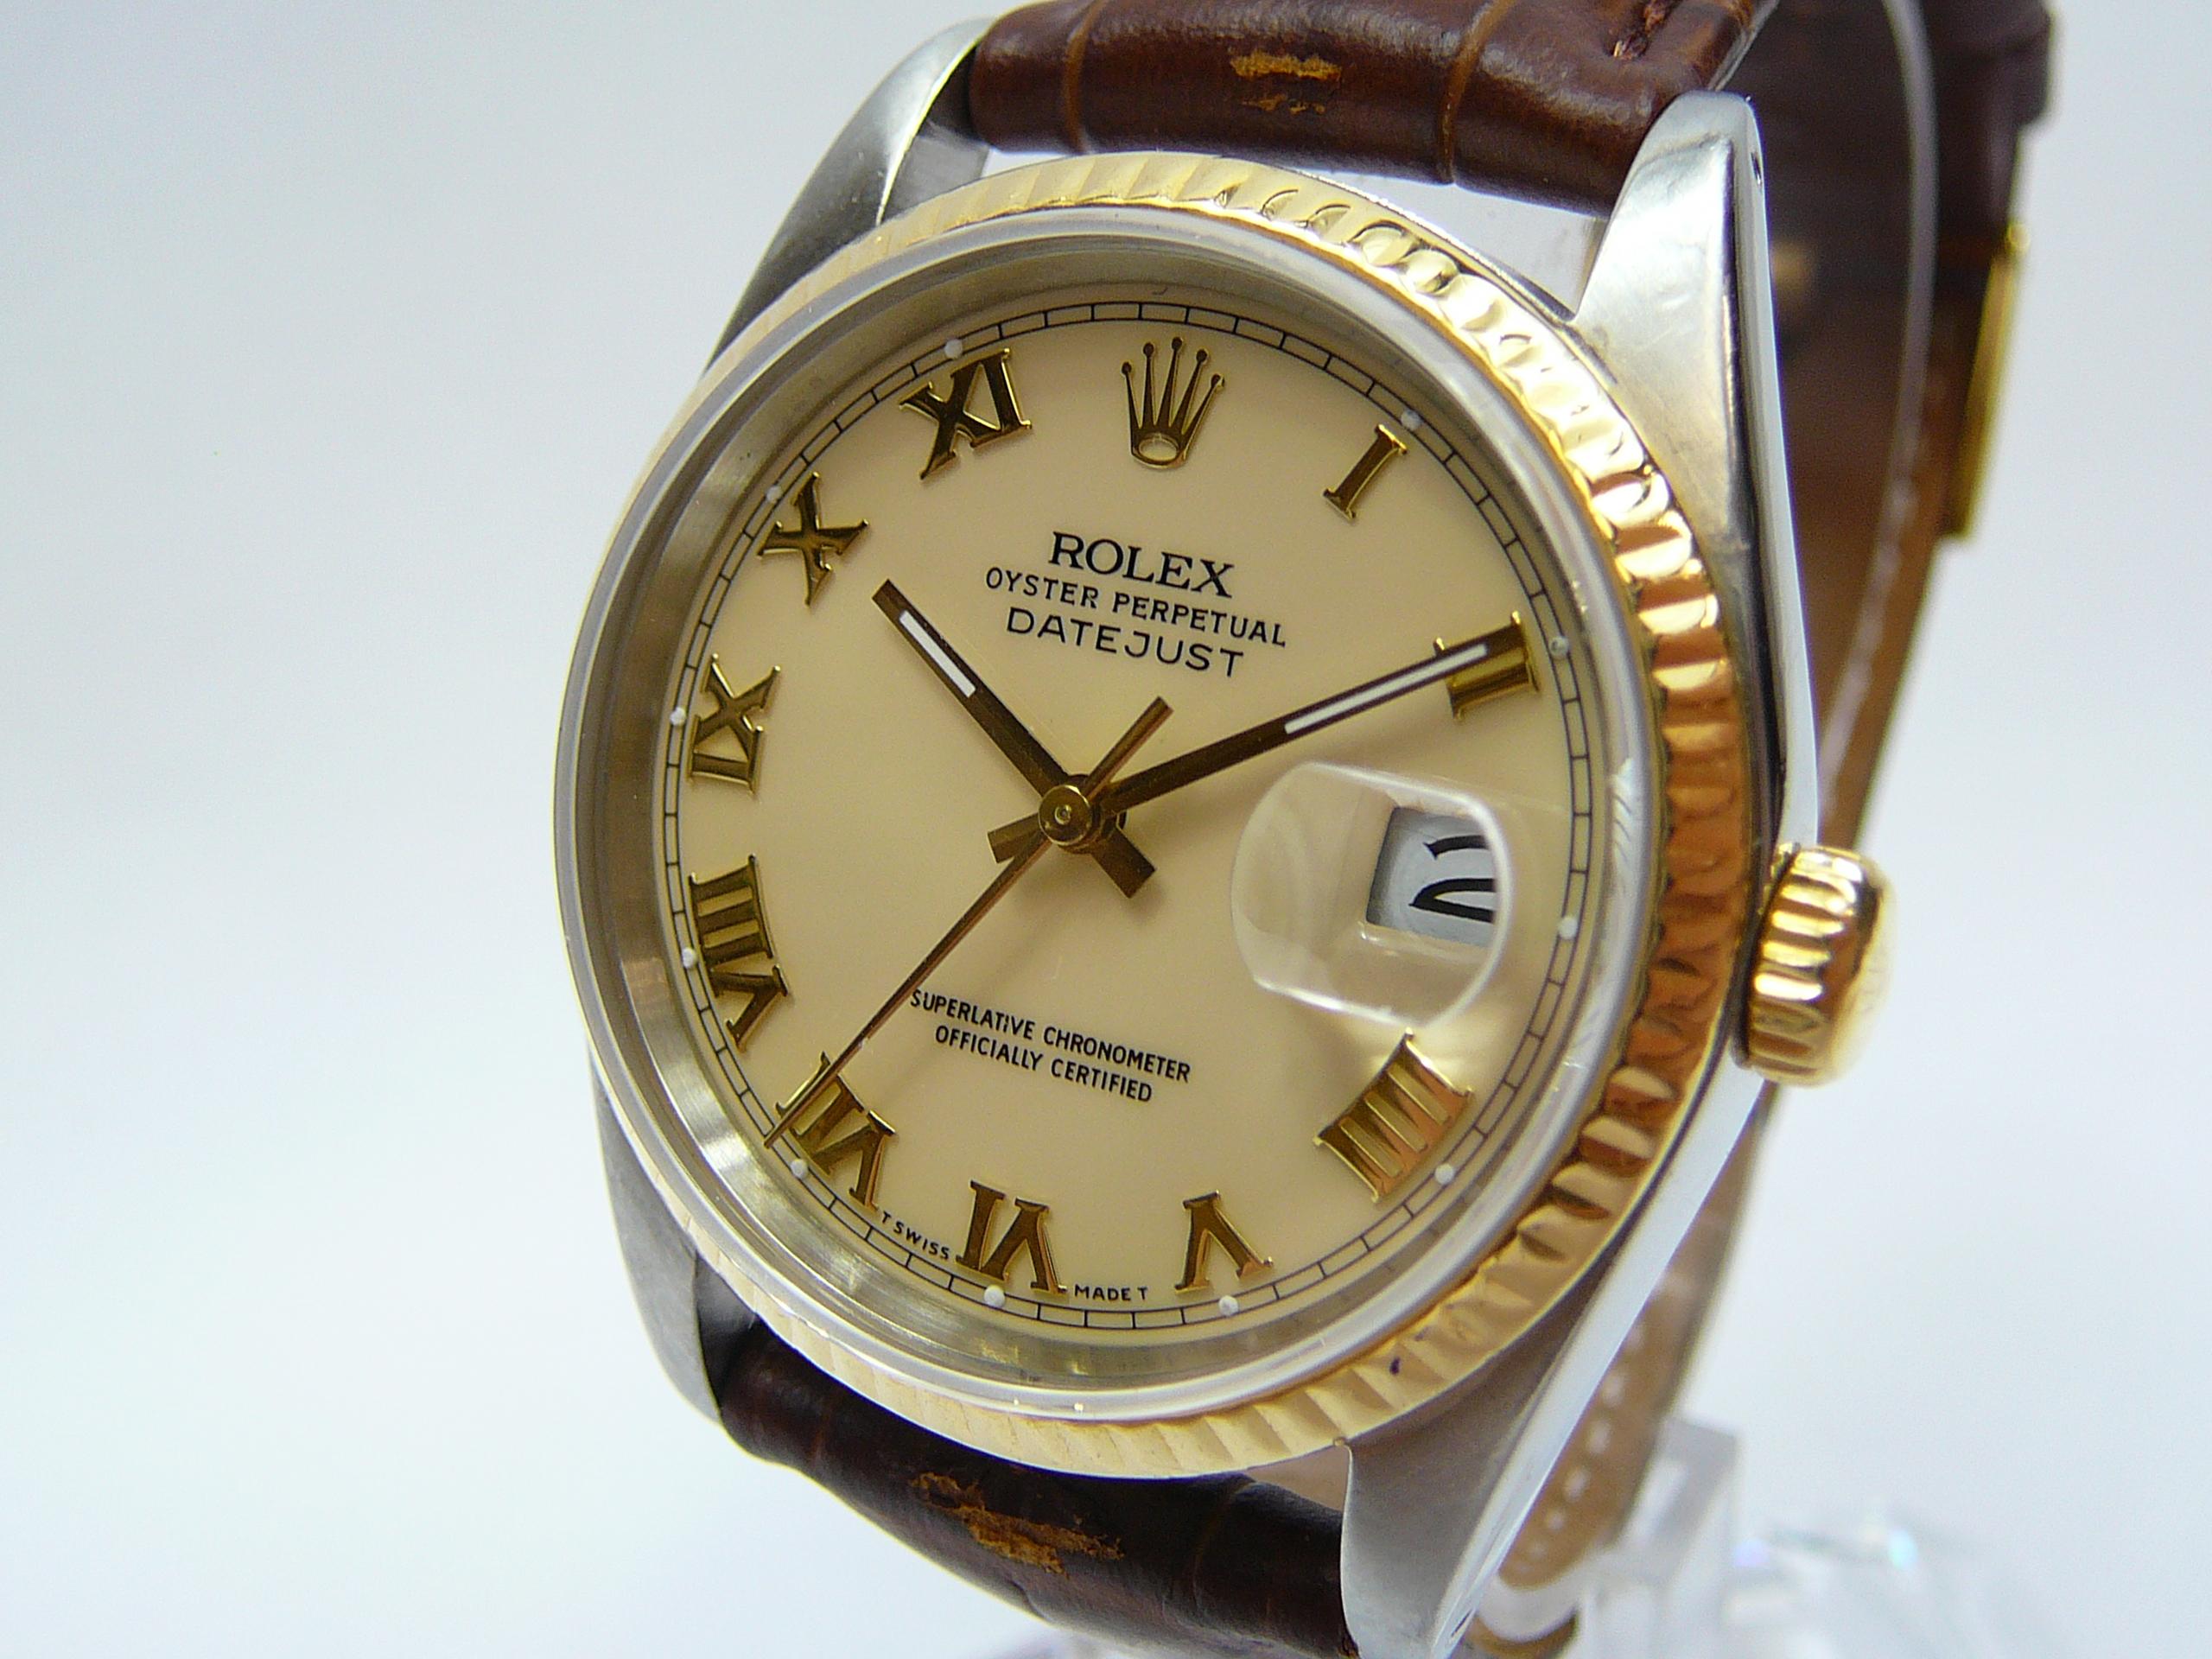 Gents Rolex Wrist Watch - Image 4 of 5